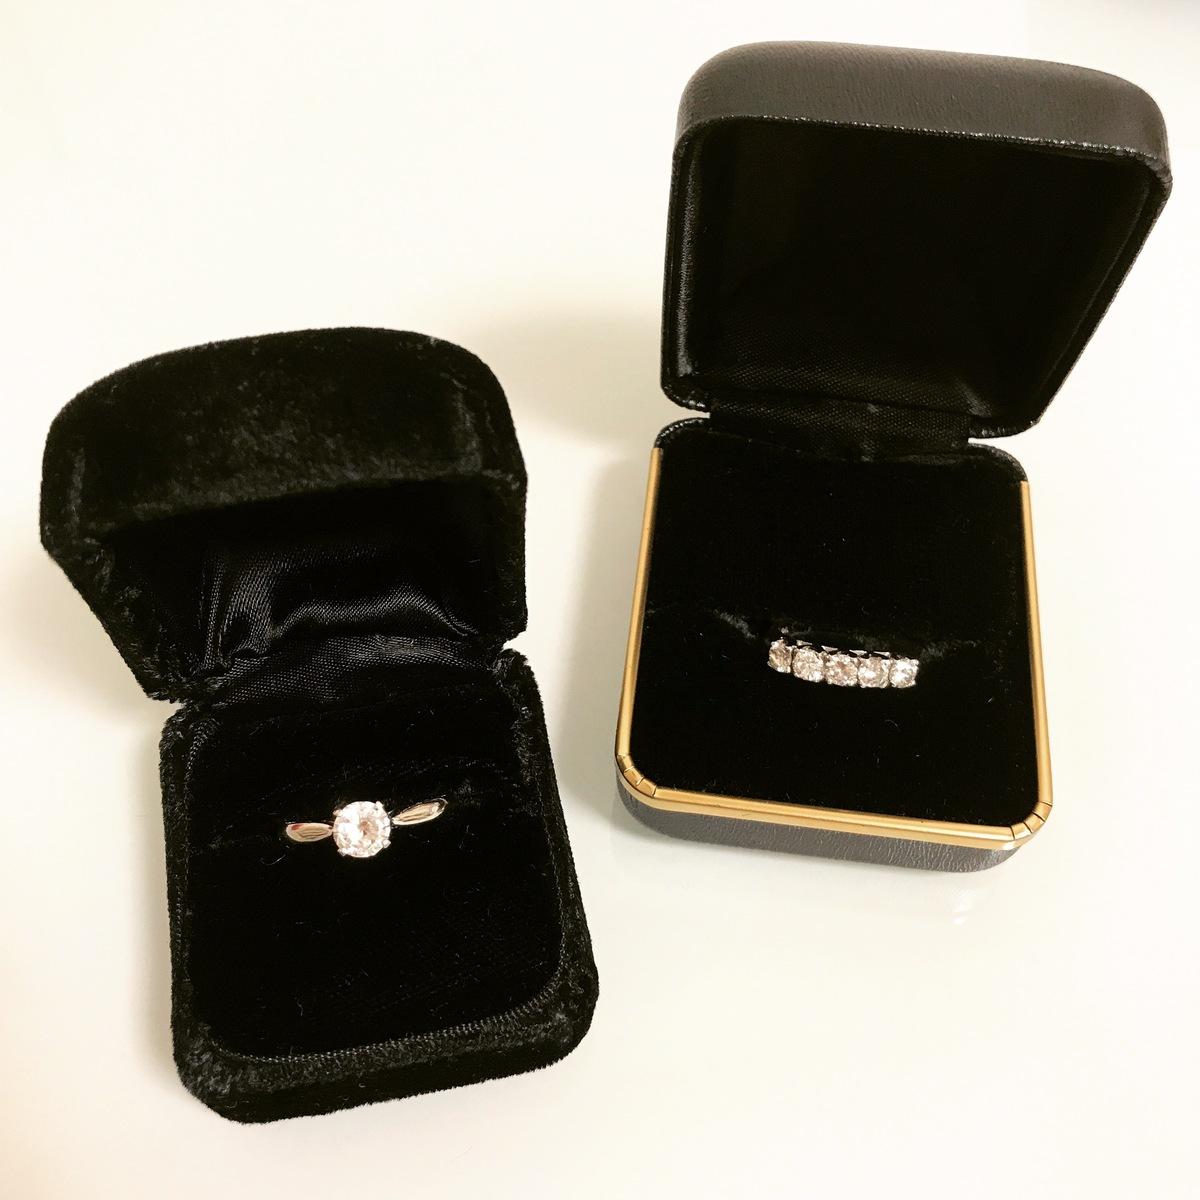 ■シンプルな装いには、ダイヤモンドで輝きを添えて。